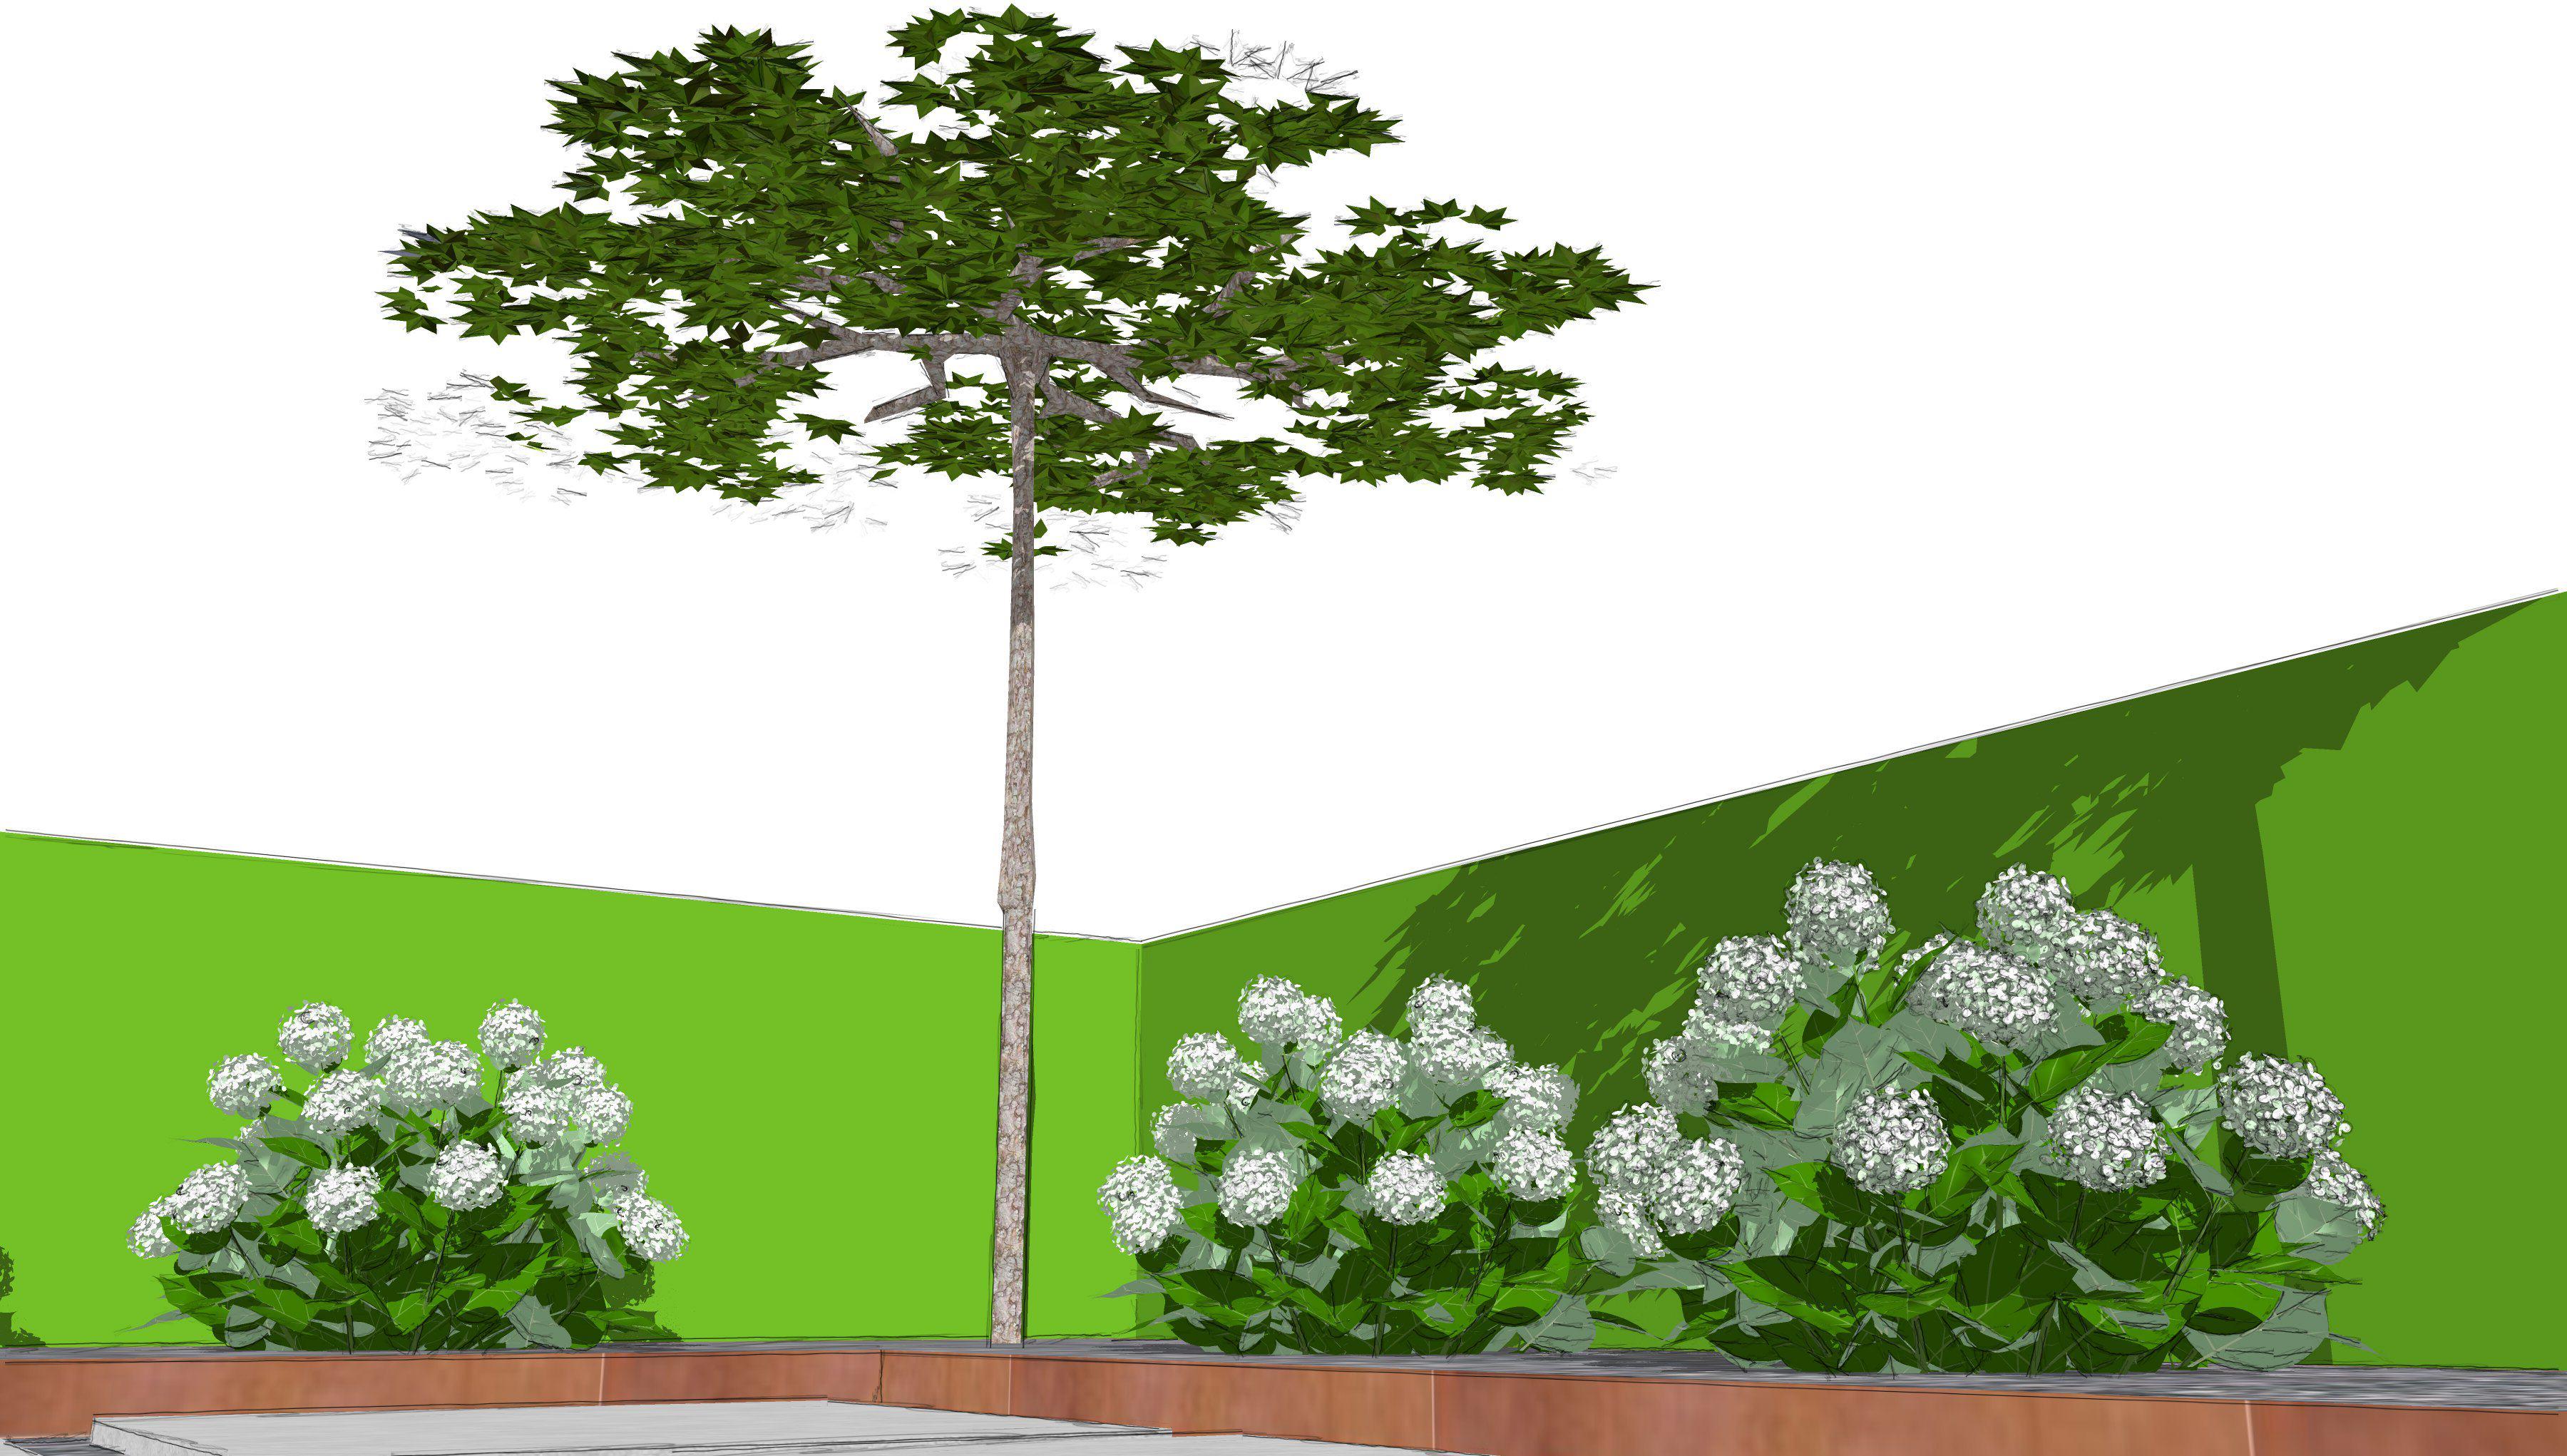 Grüner Patio aus Dachplatanen mit Heckeneinfassung, Grossformatplatten, Cortenstahlband und Hortensien